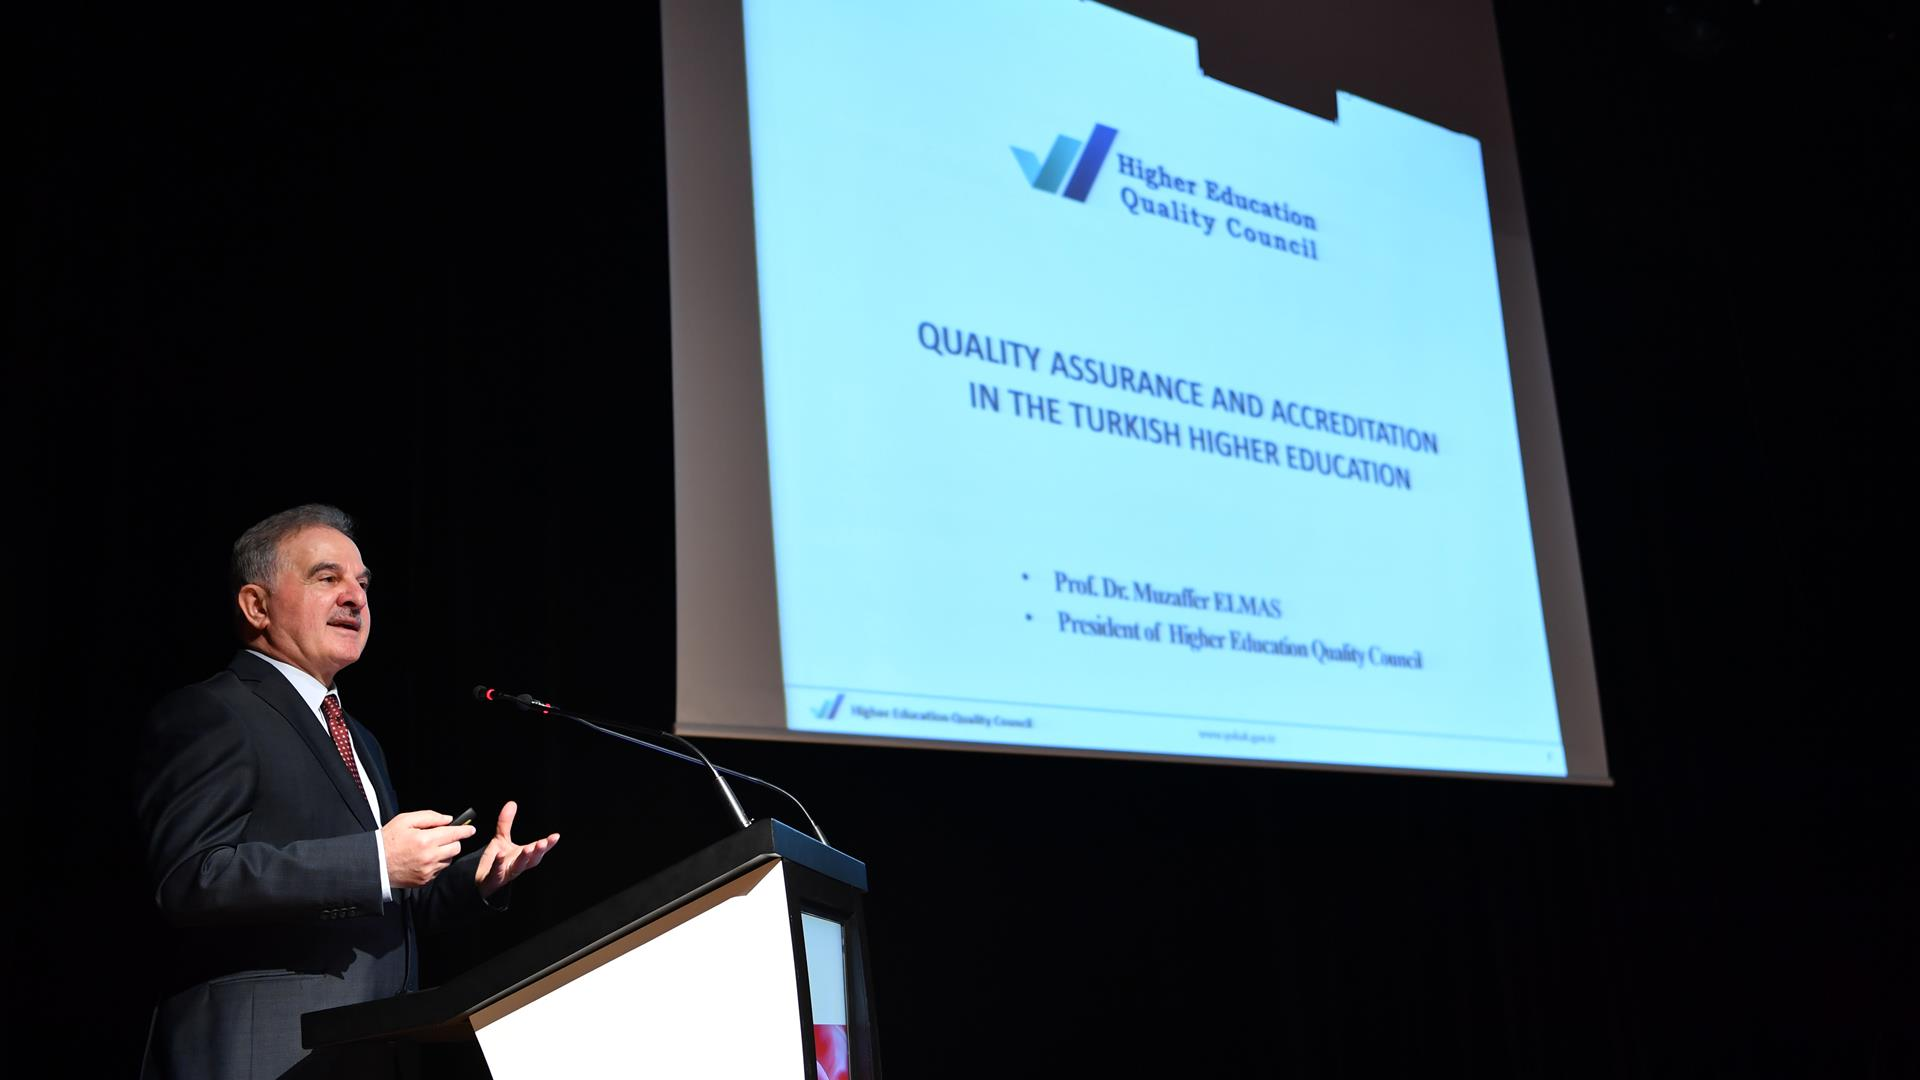 6.-Uluslararası-Yükseköğretimde-Kalite-Kongresi-İstanbul-Üniversitesi'nde-Başladı